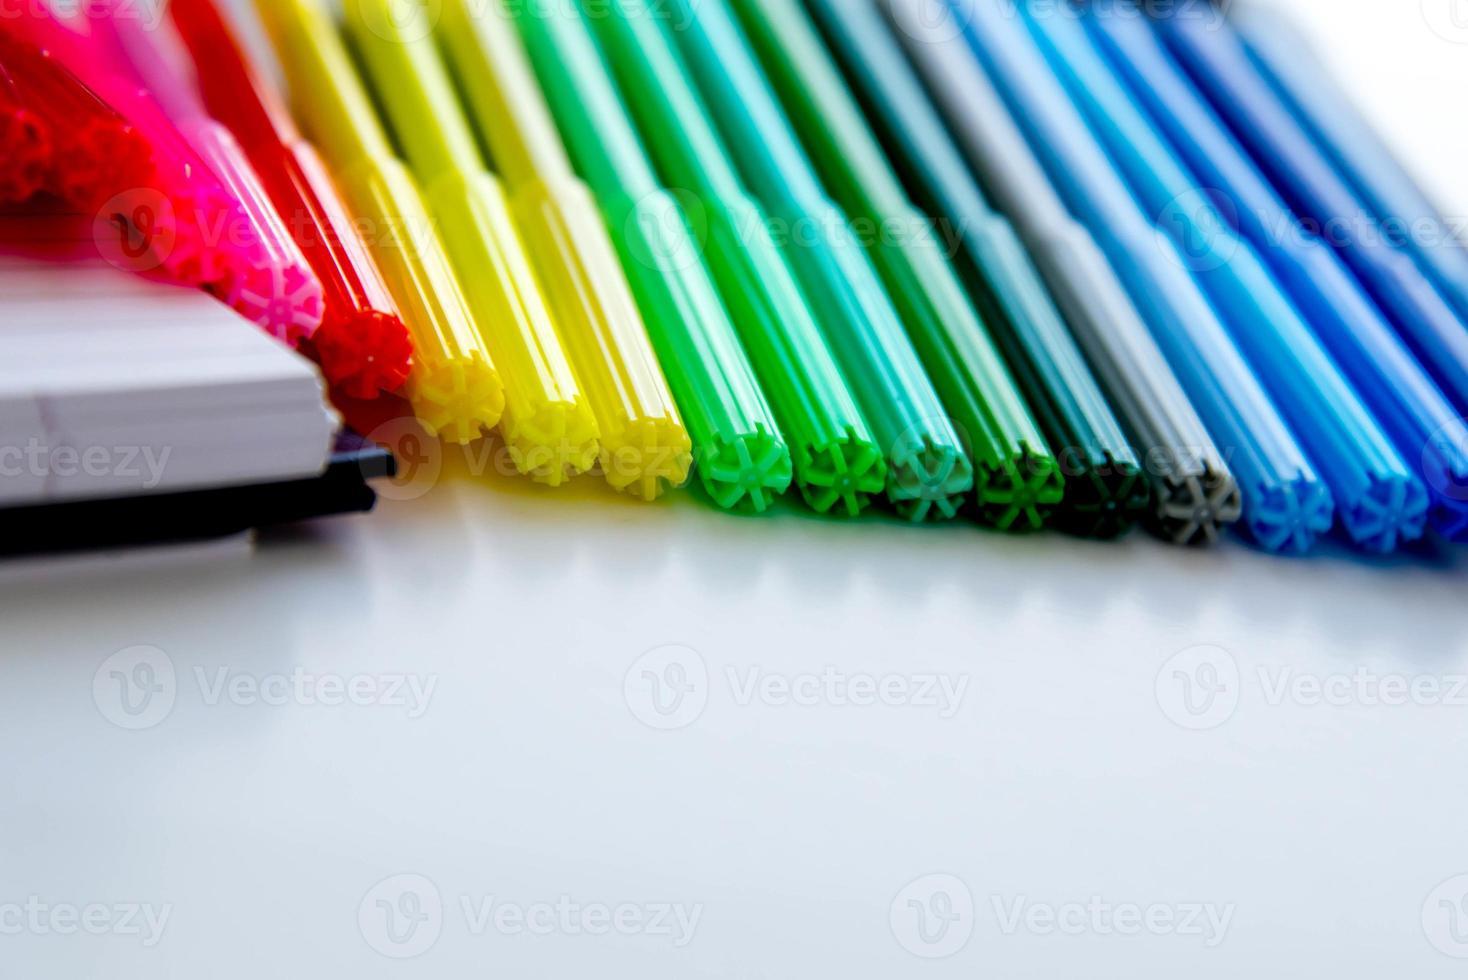 terug naar schoolbenodigdheden, felgekleurde stiften, papierwissers foto